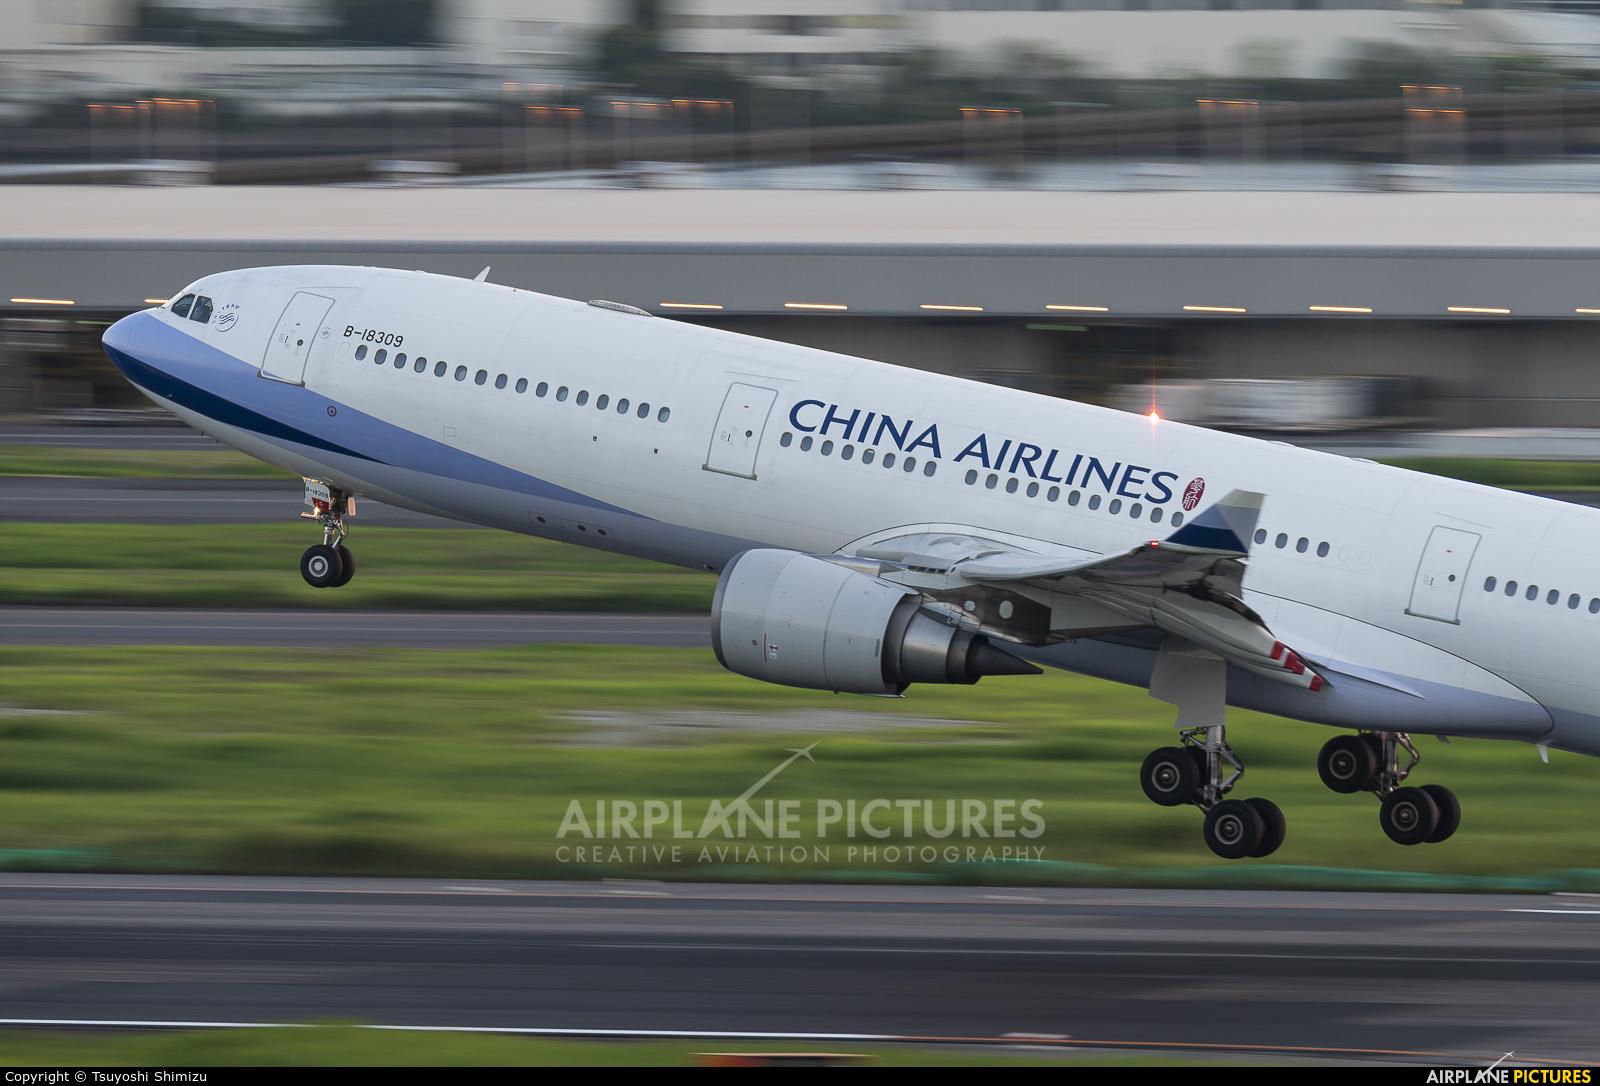 China Airlines B-18309 aircraft at Tokyo - Haneda Intl